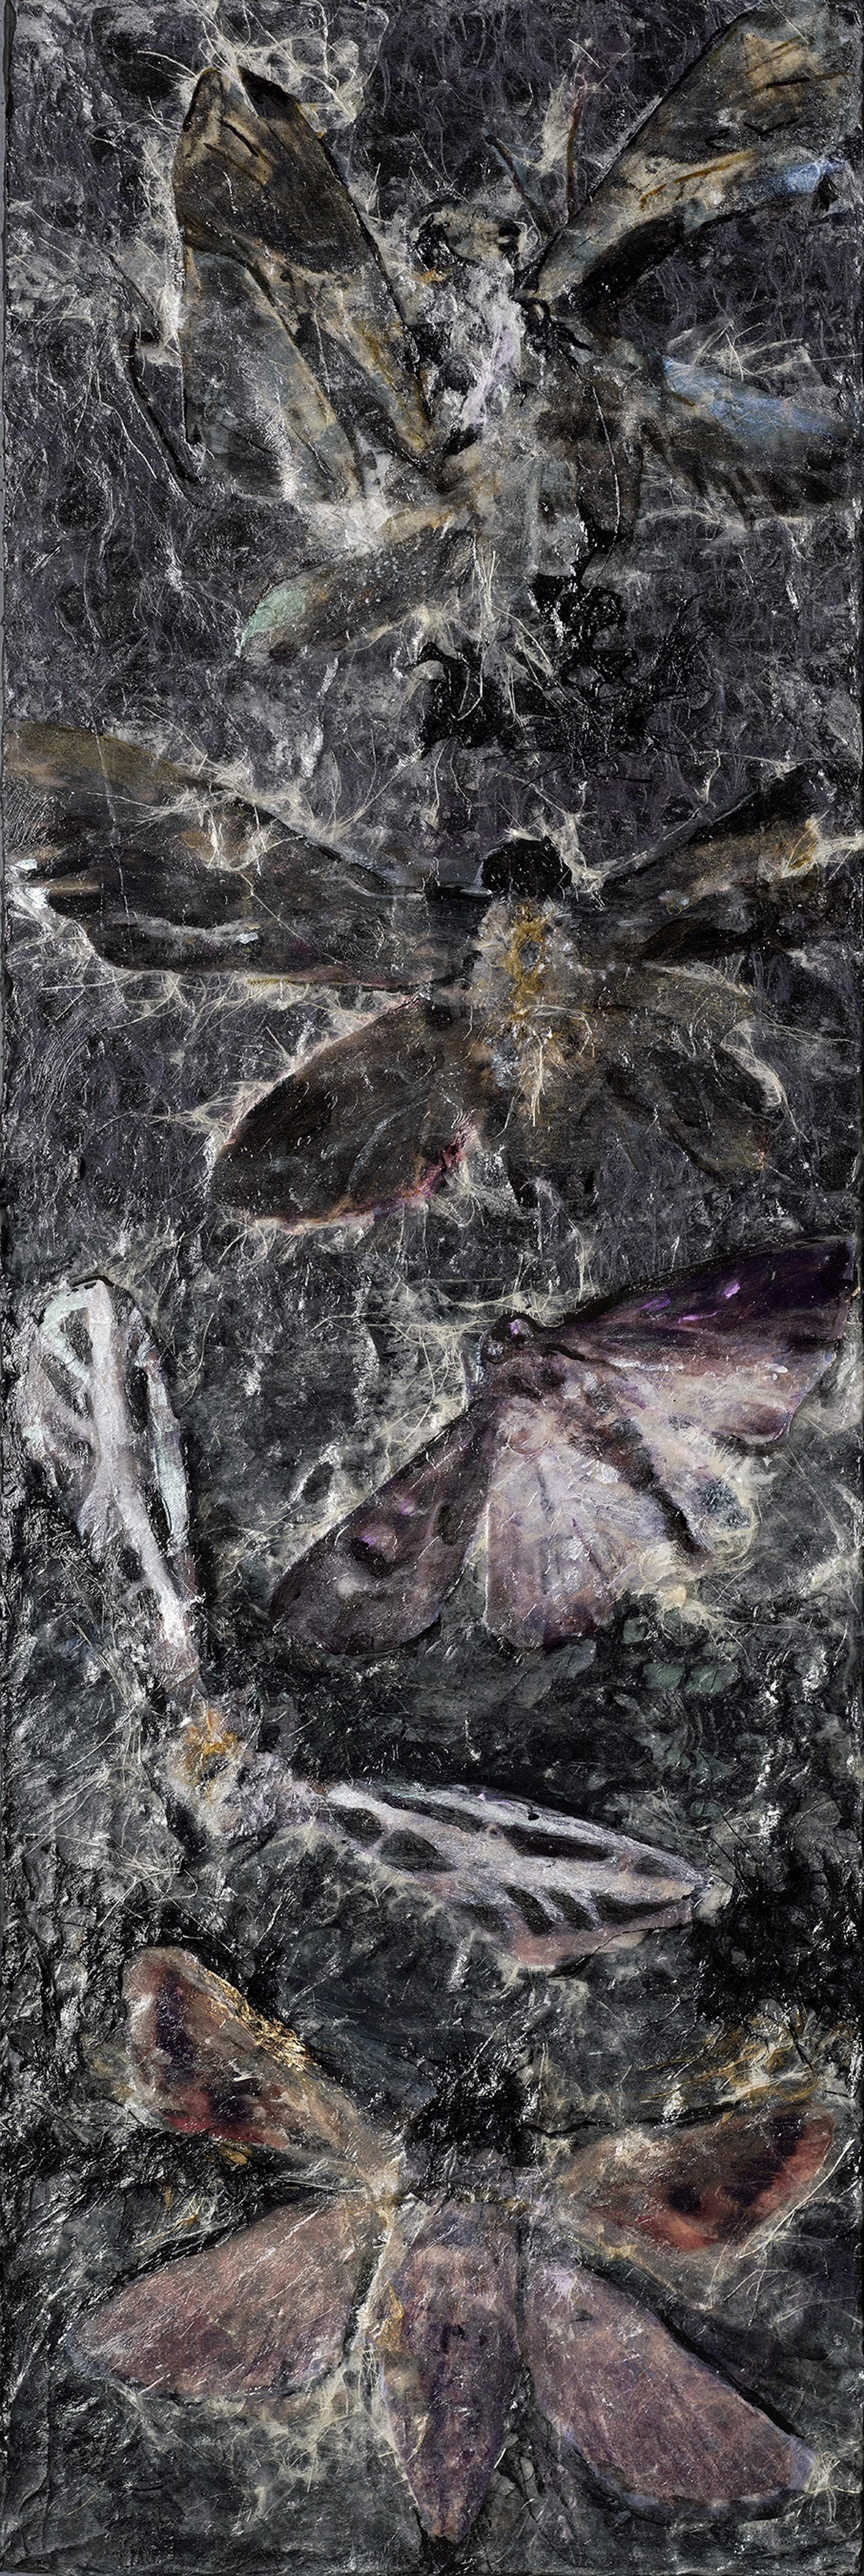 Moths - Broken Flight by Rosemary Feit Covey